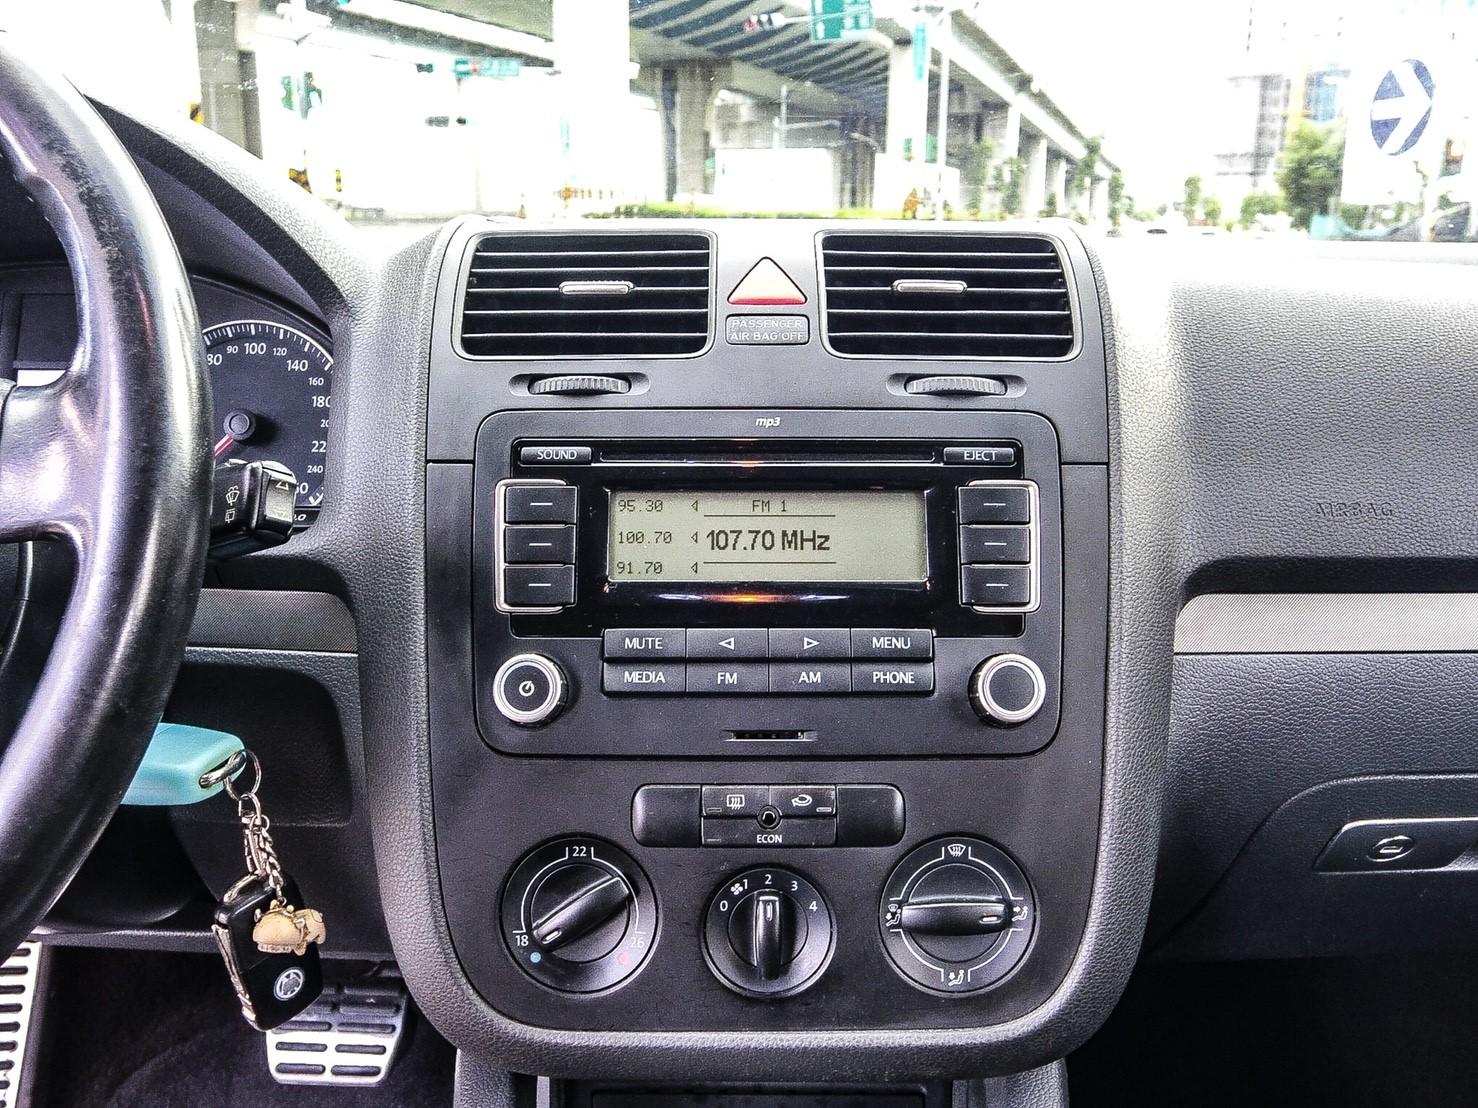 全額貸。2005年 福斯 TDI GTI式樣 3500元可交車 多功能方向盤 可履約保證無重大事故泡水非營業用車